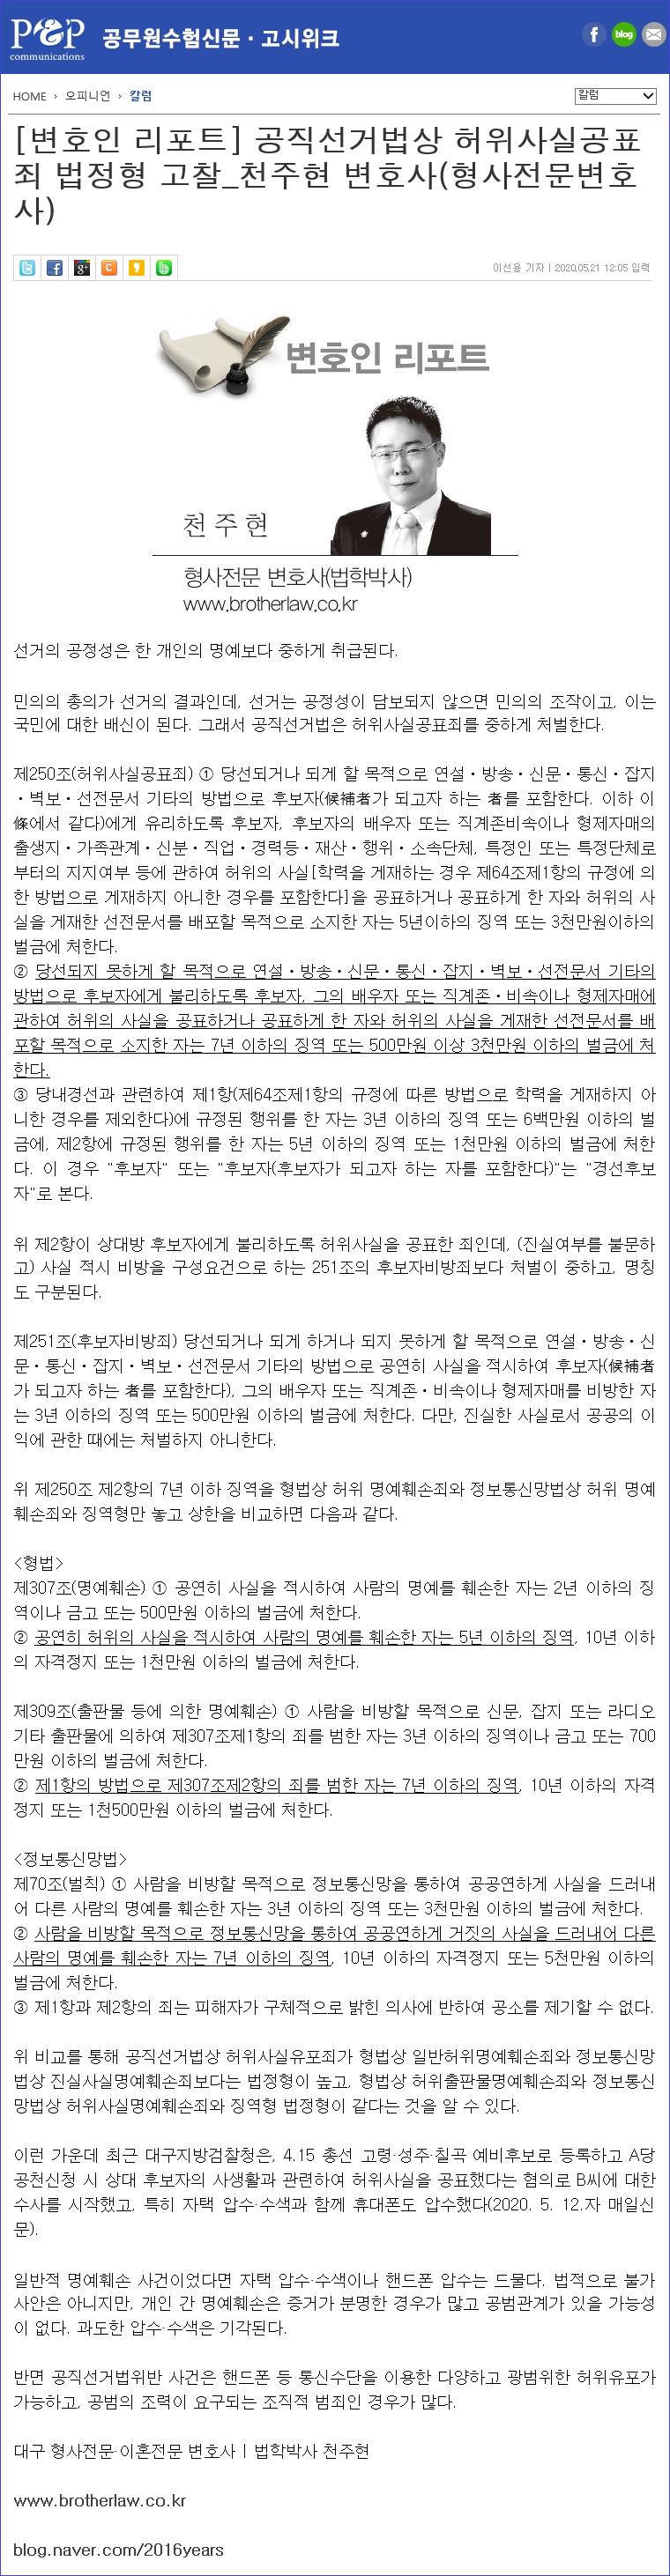 200521-변호인리포트(공직선거법상 허위사실공표죄 법정형 고찰)-블로그용.png